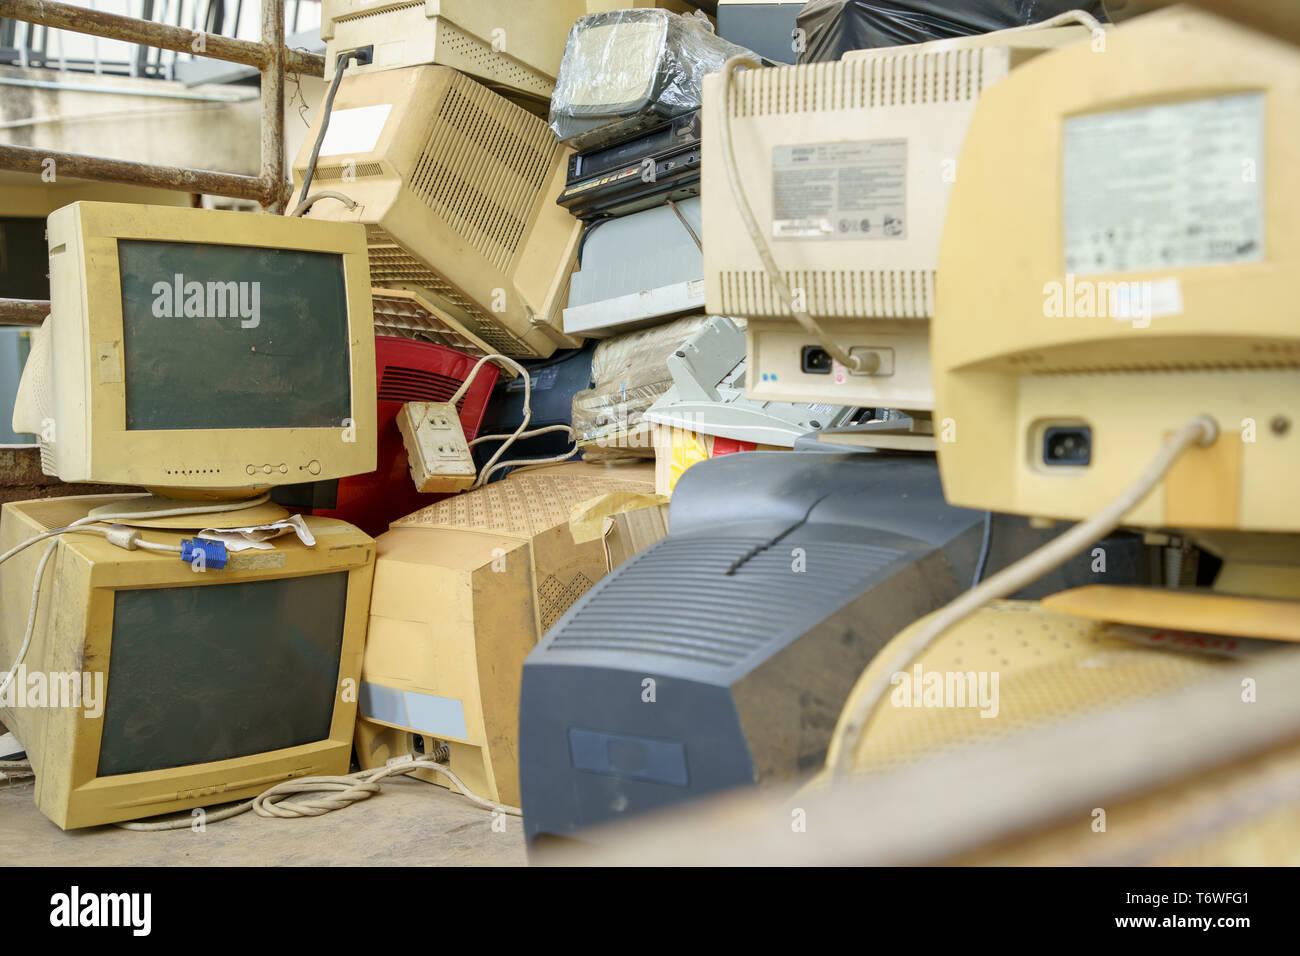 Pila de residuos electrónicos juntos, monitor, impresora, fax para PC de escritorio, a la espera de ser reciclados. Fabricados en plástico, el cobre, el vidrio puede ser reutilizado Imagen De Stock